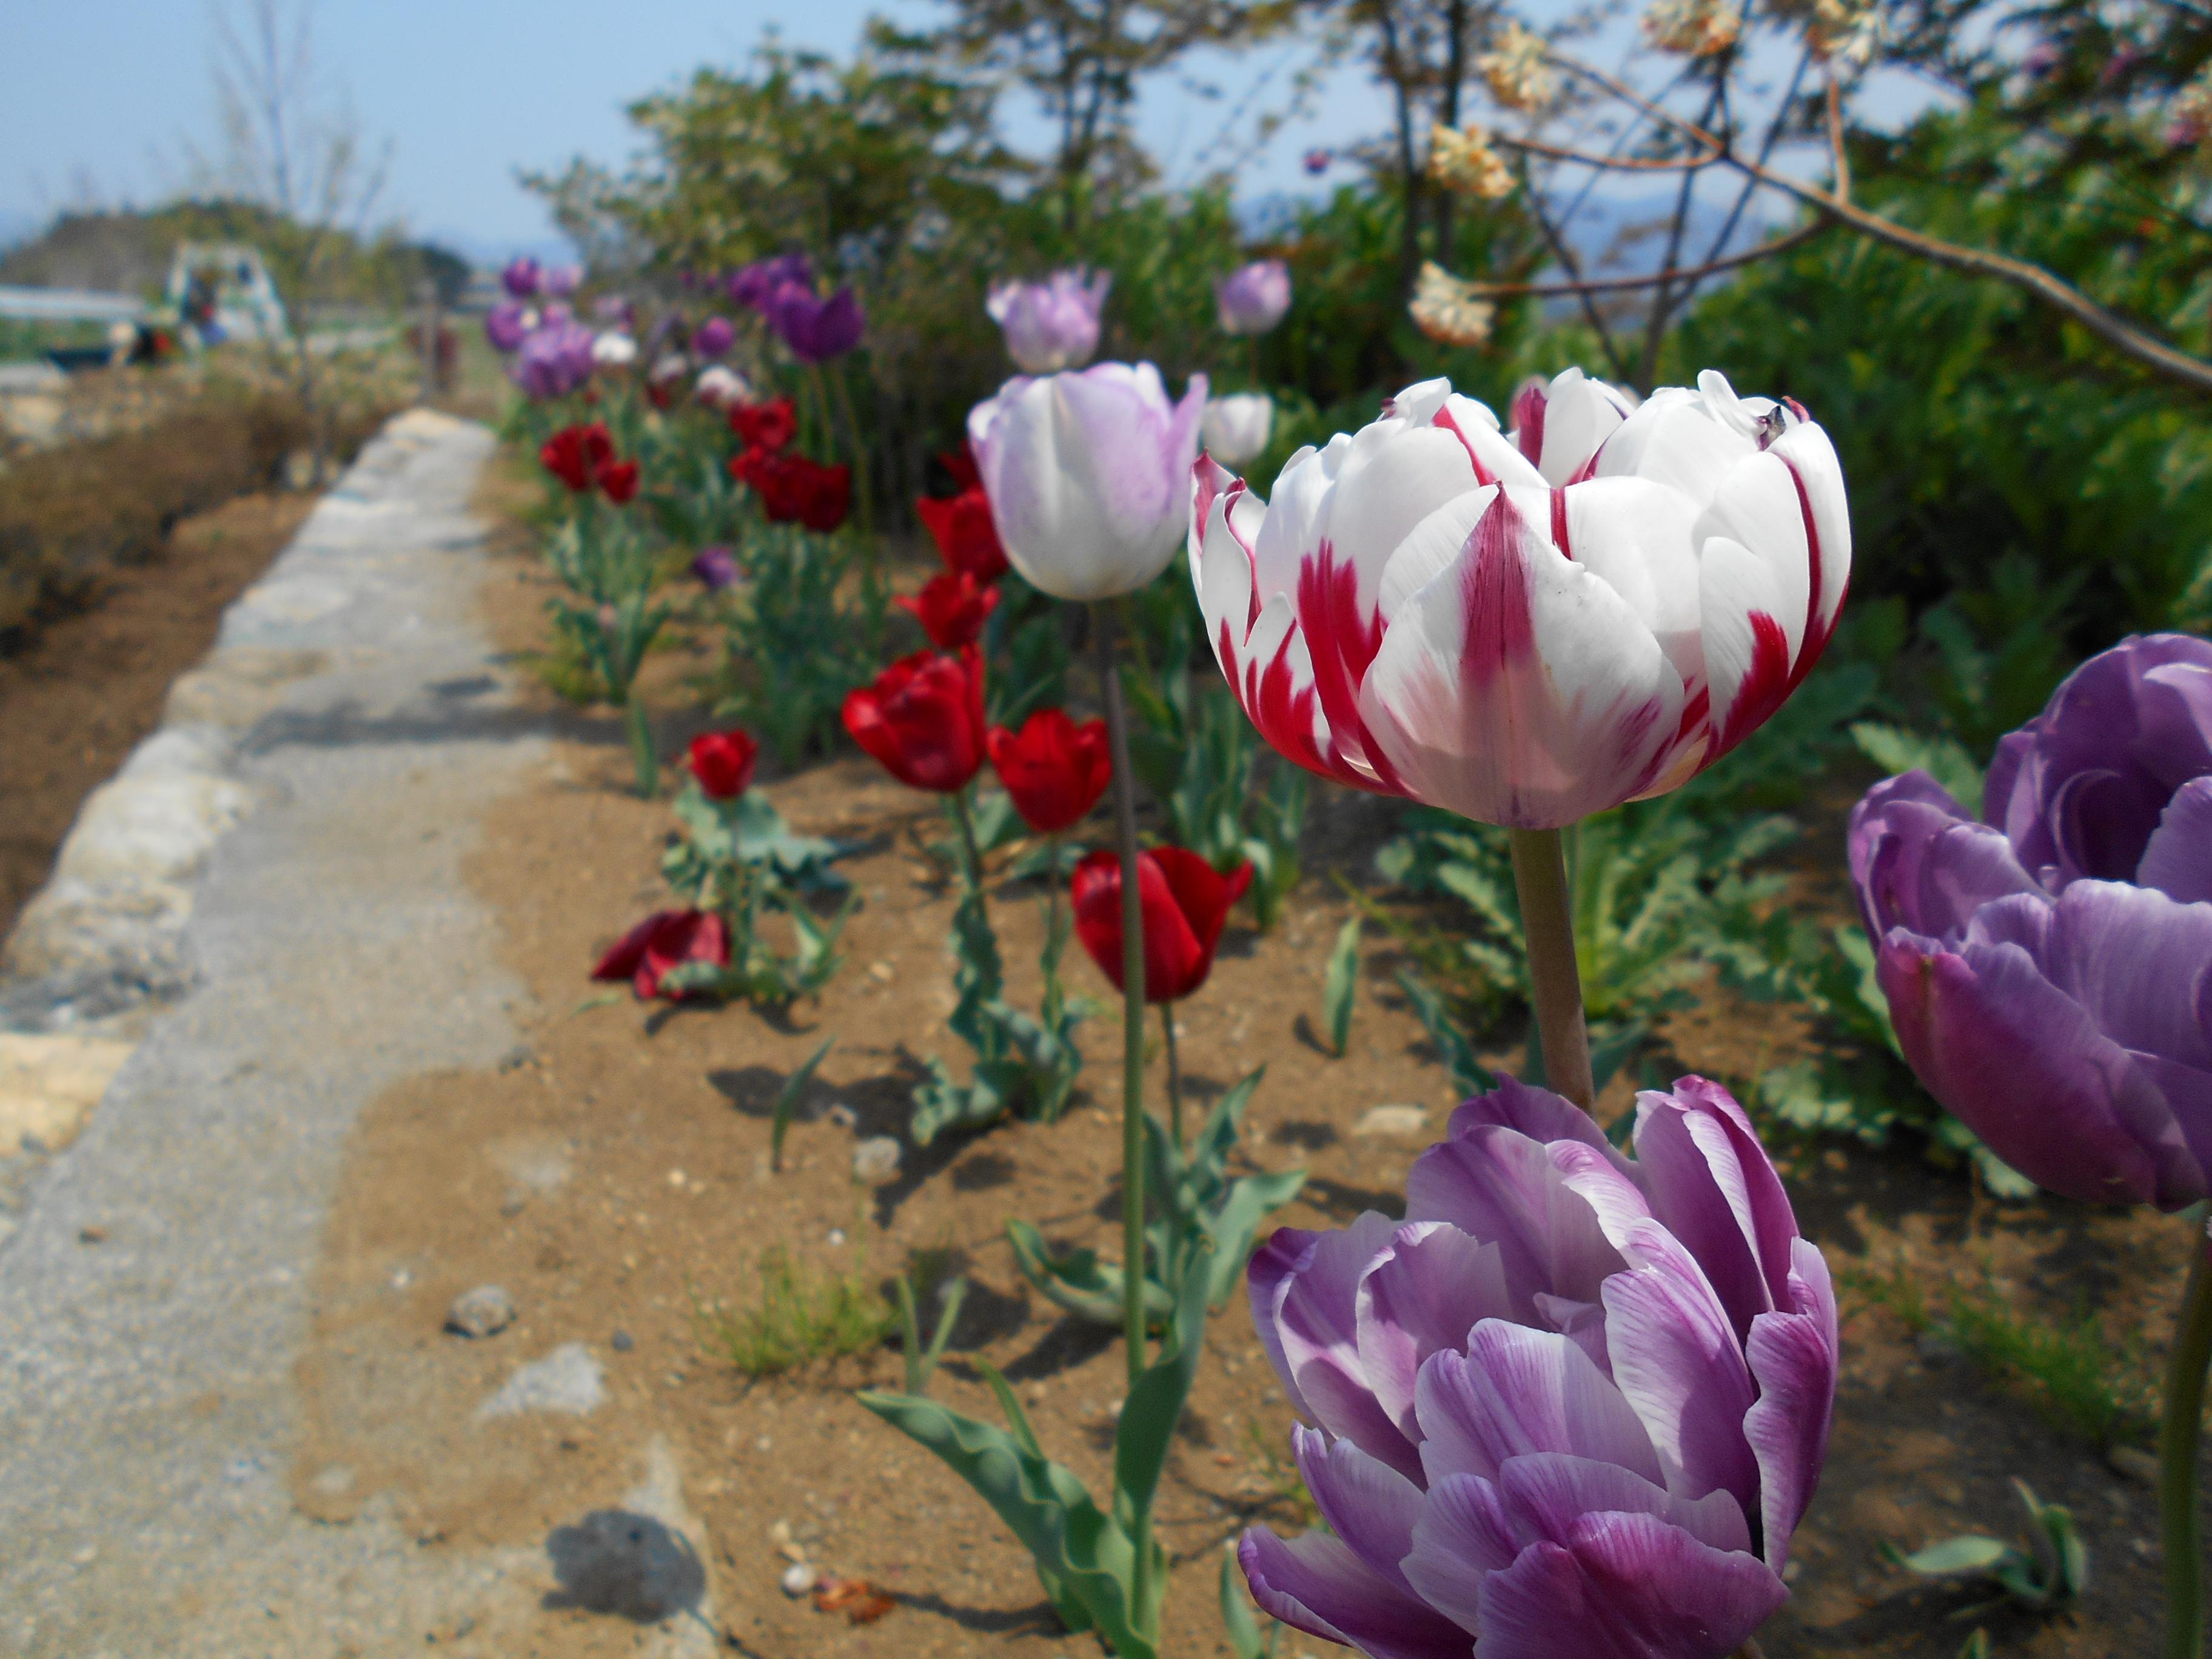 http://chichibu-med.jp/news/DSCN0118.JPG